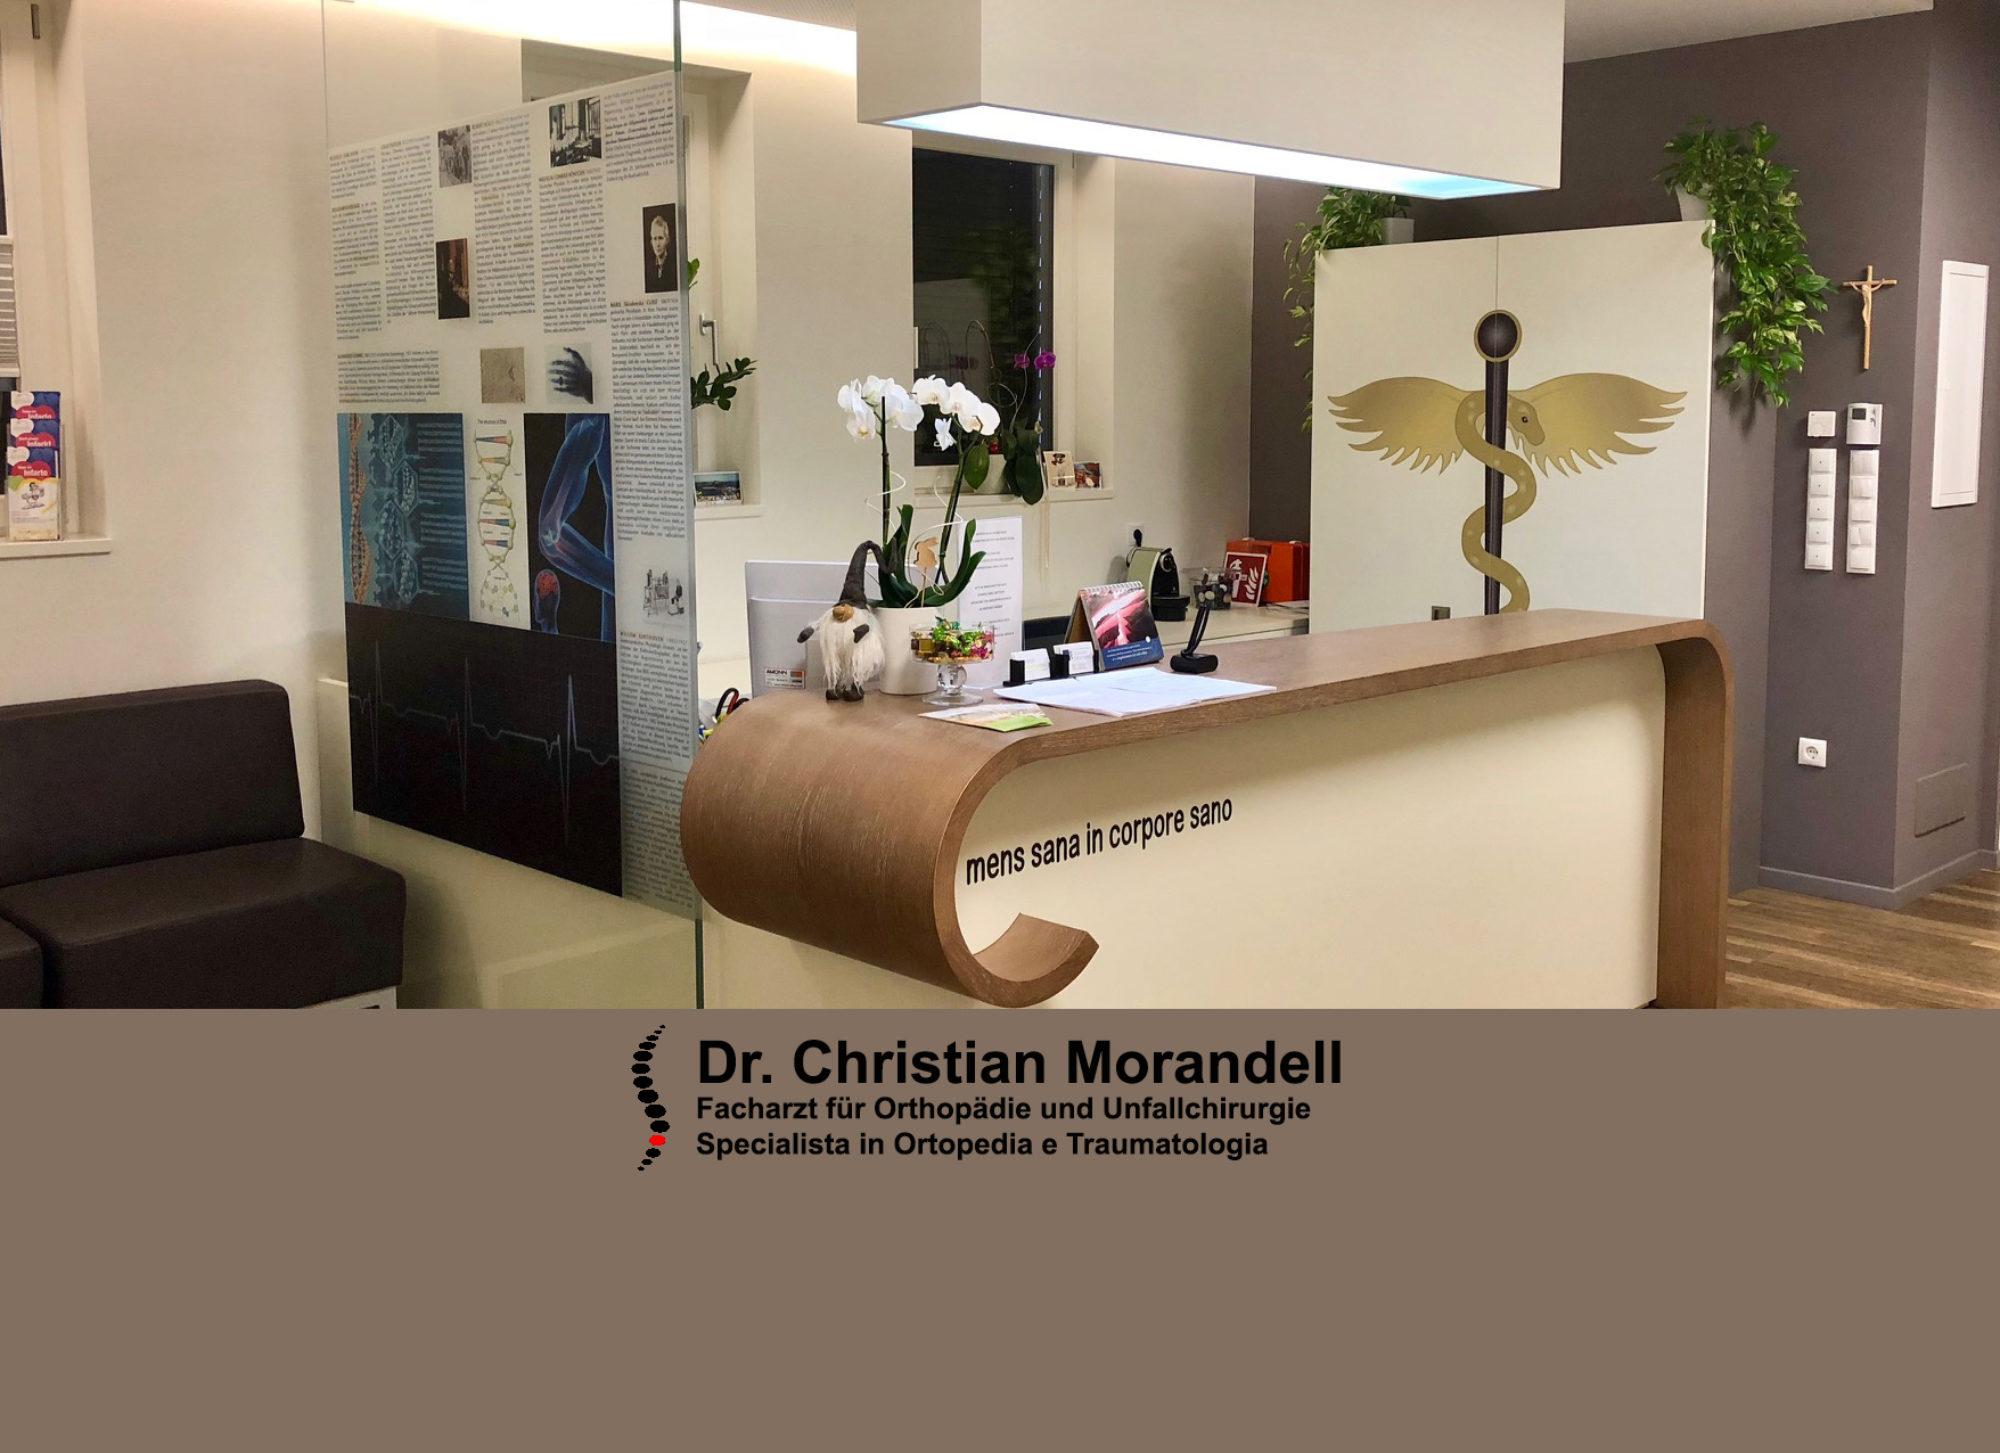 Dr. Christian Morandell